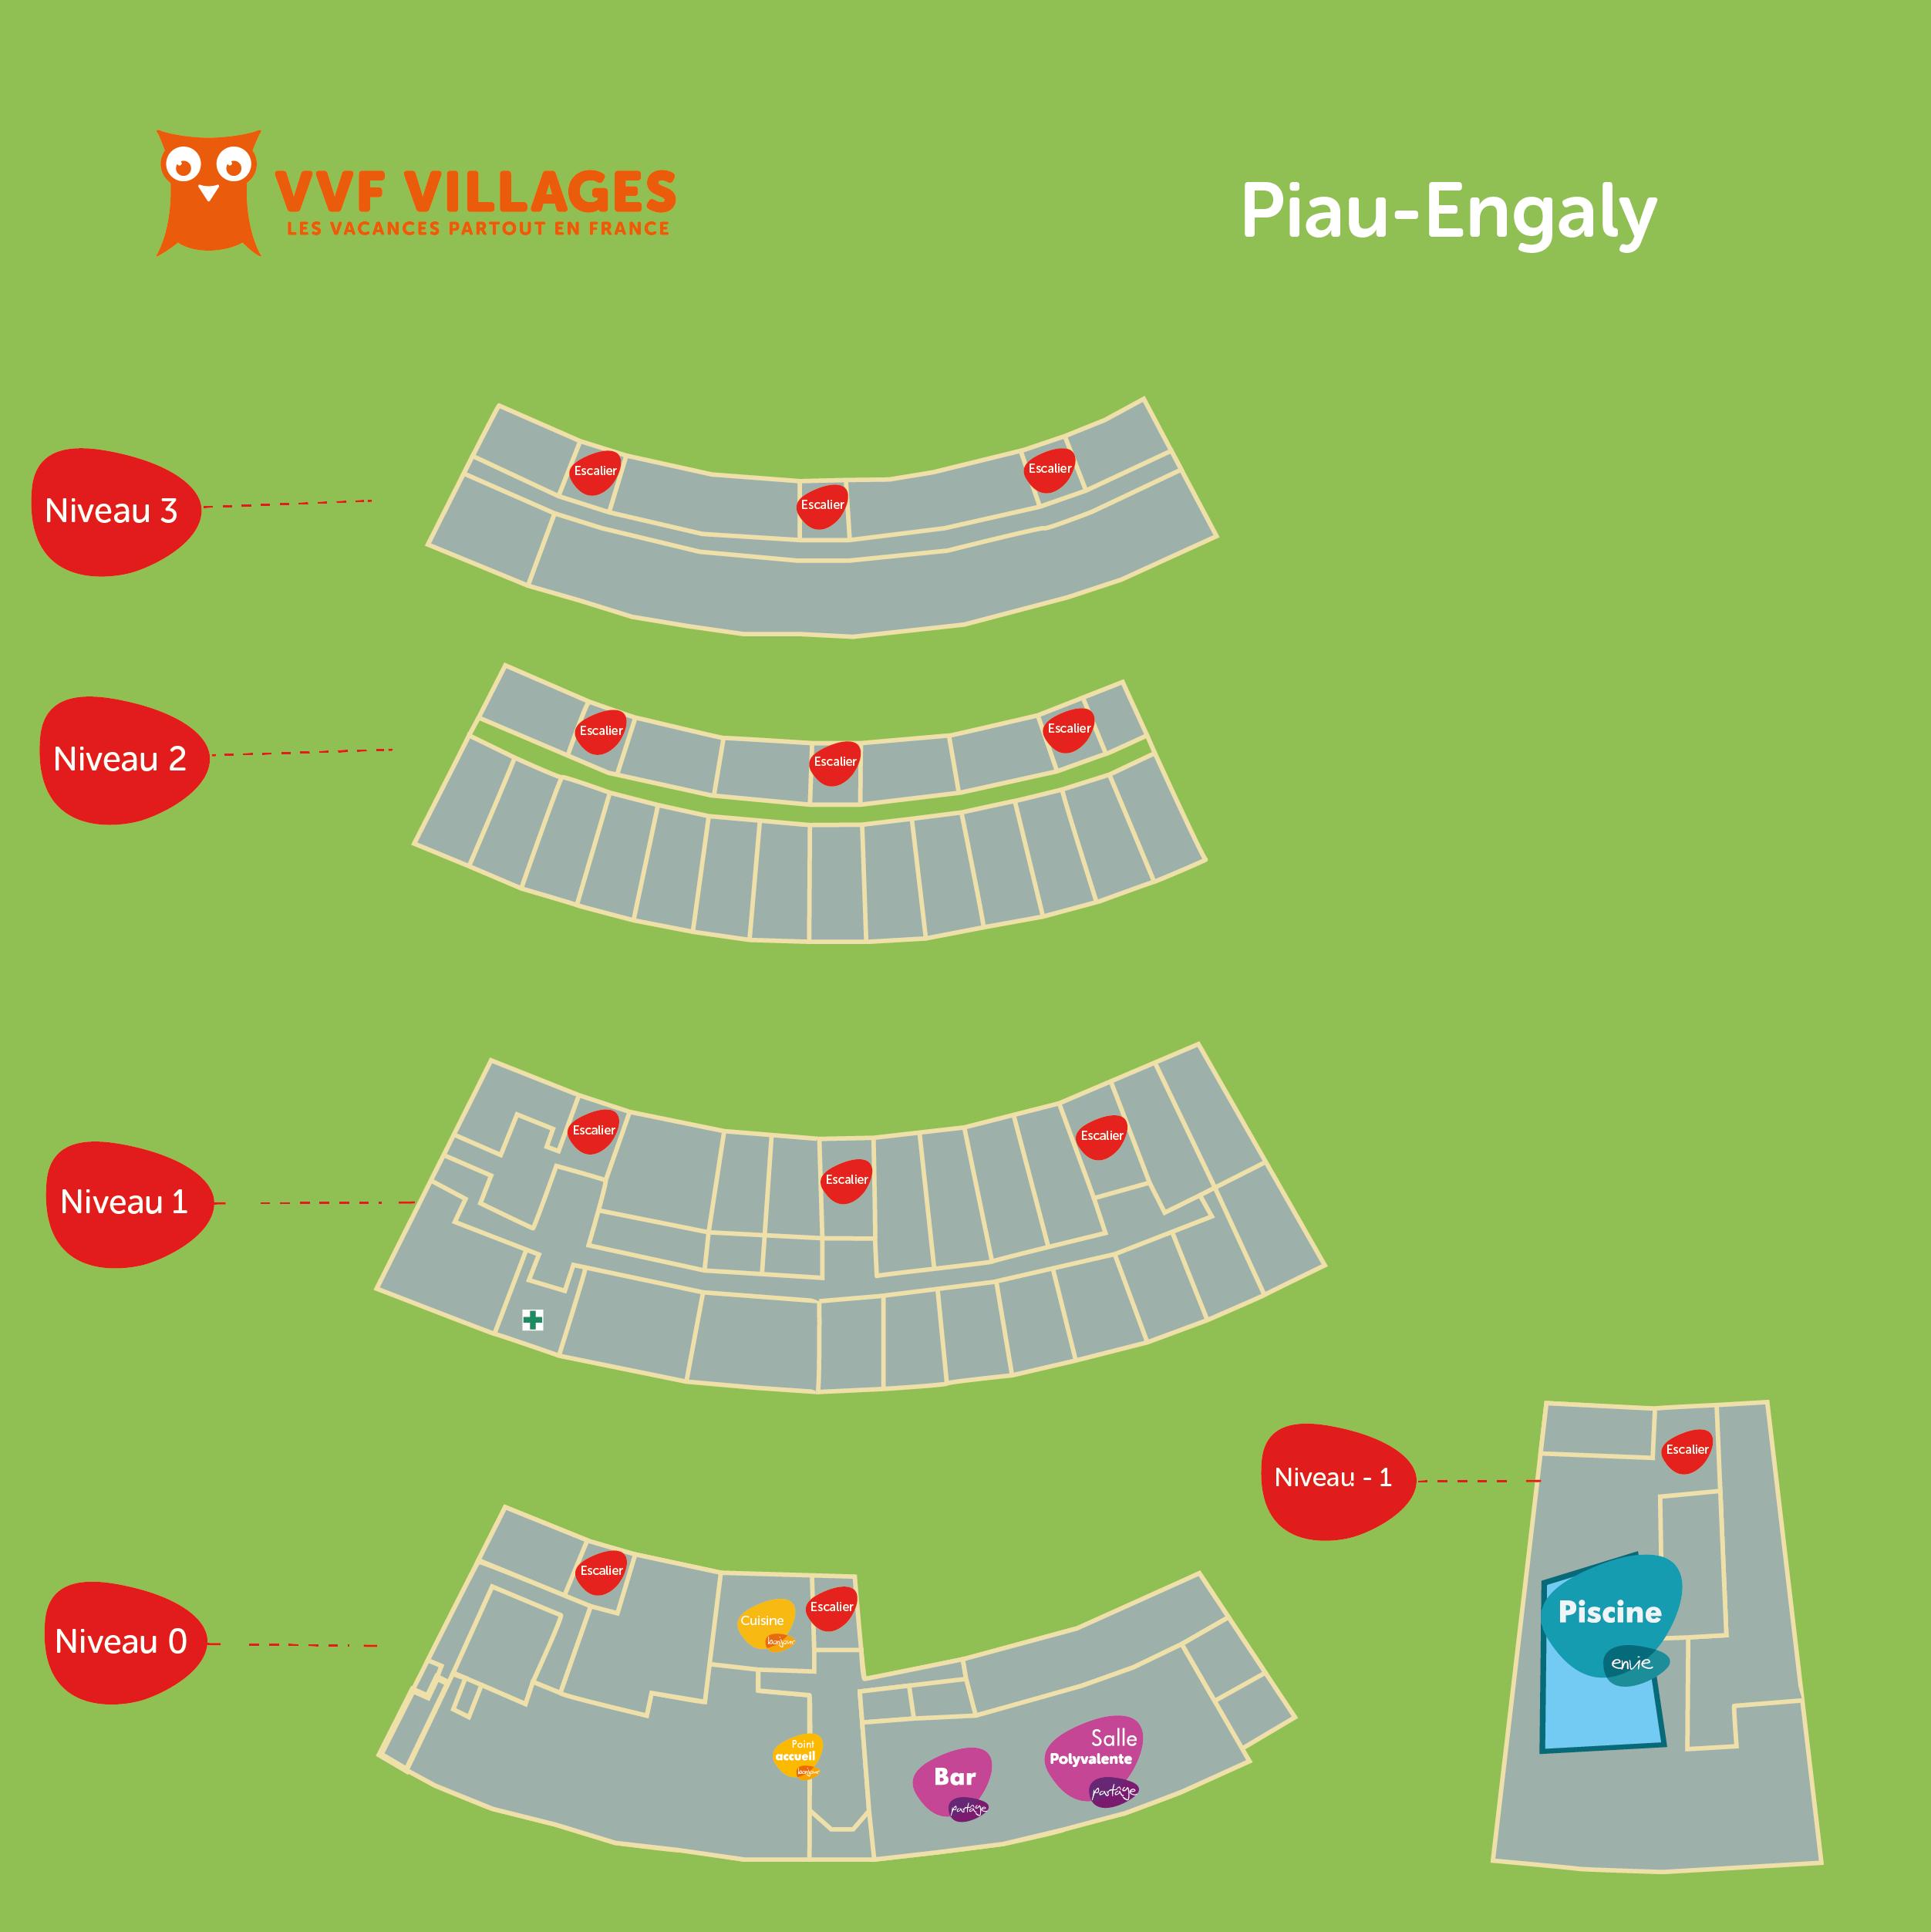 Plan du village de Piau-Engaly